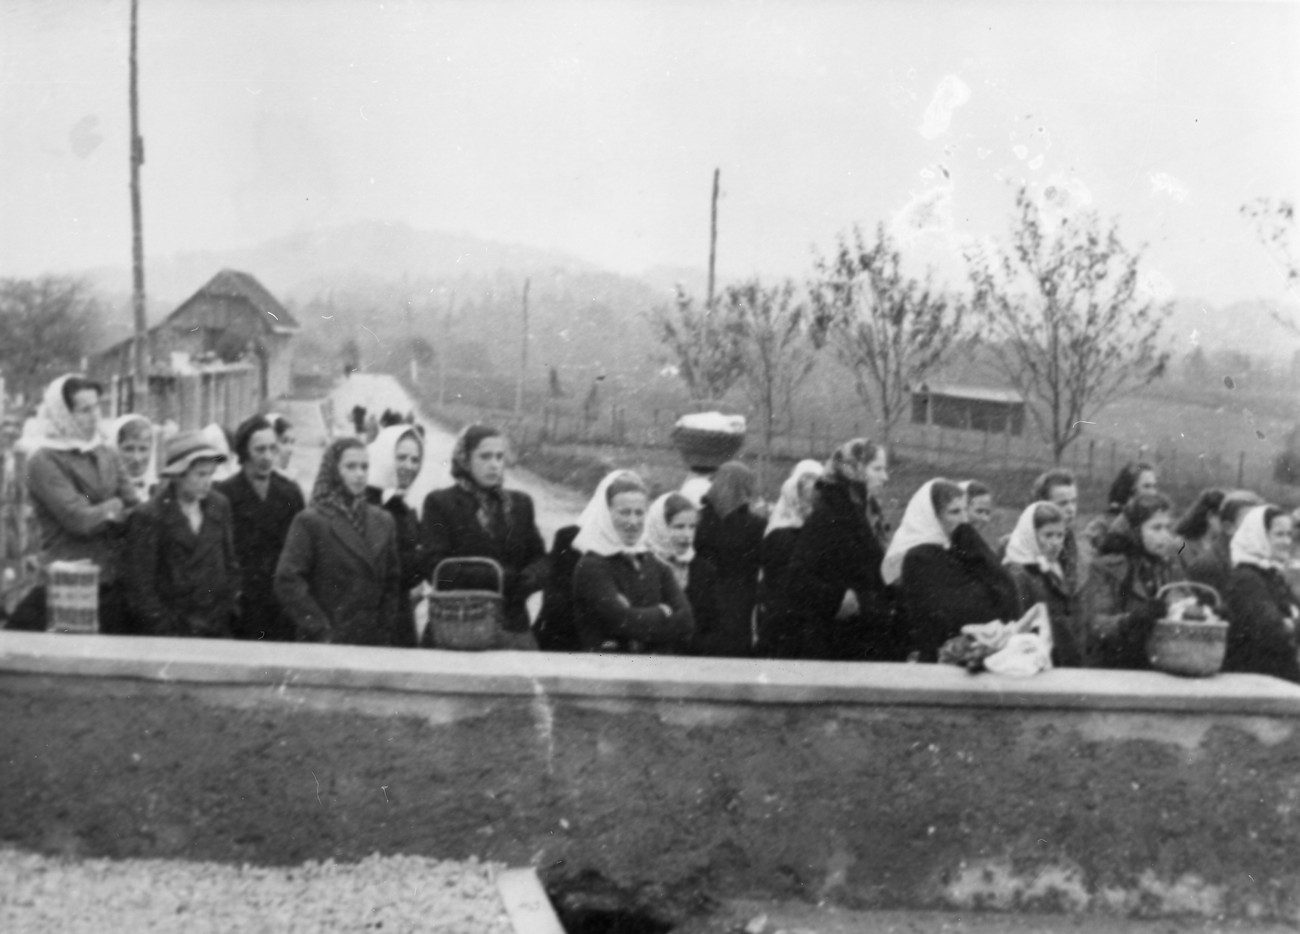 Italijani in kasneje tudi Nemci so mesto utrjevali. Vsi dohodi v mesto so bili zastraženi in ob prehodu zapore so vse legitimirali. Na sliki ženske pred zaporo v Novem mestu 1942. MNZS.